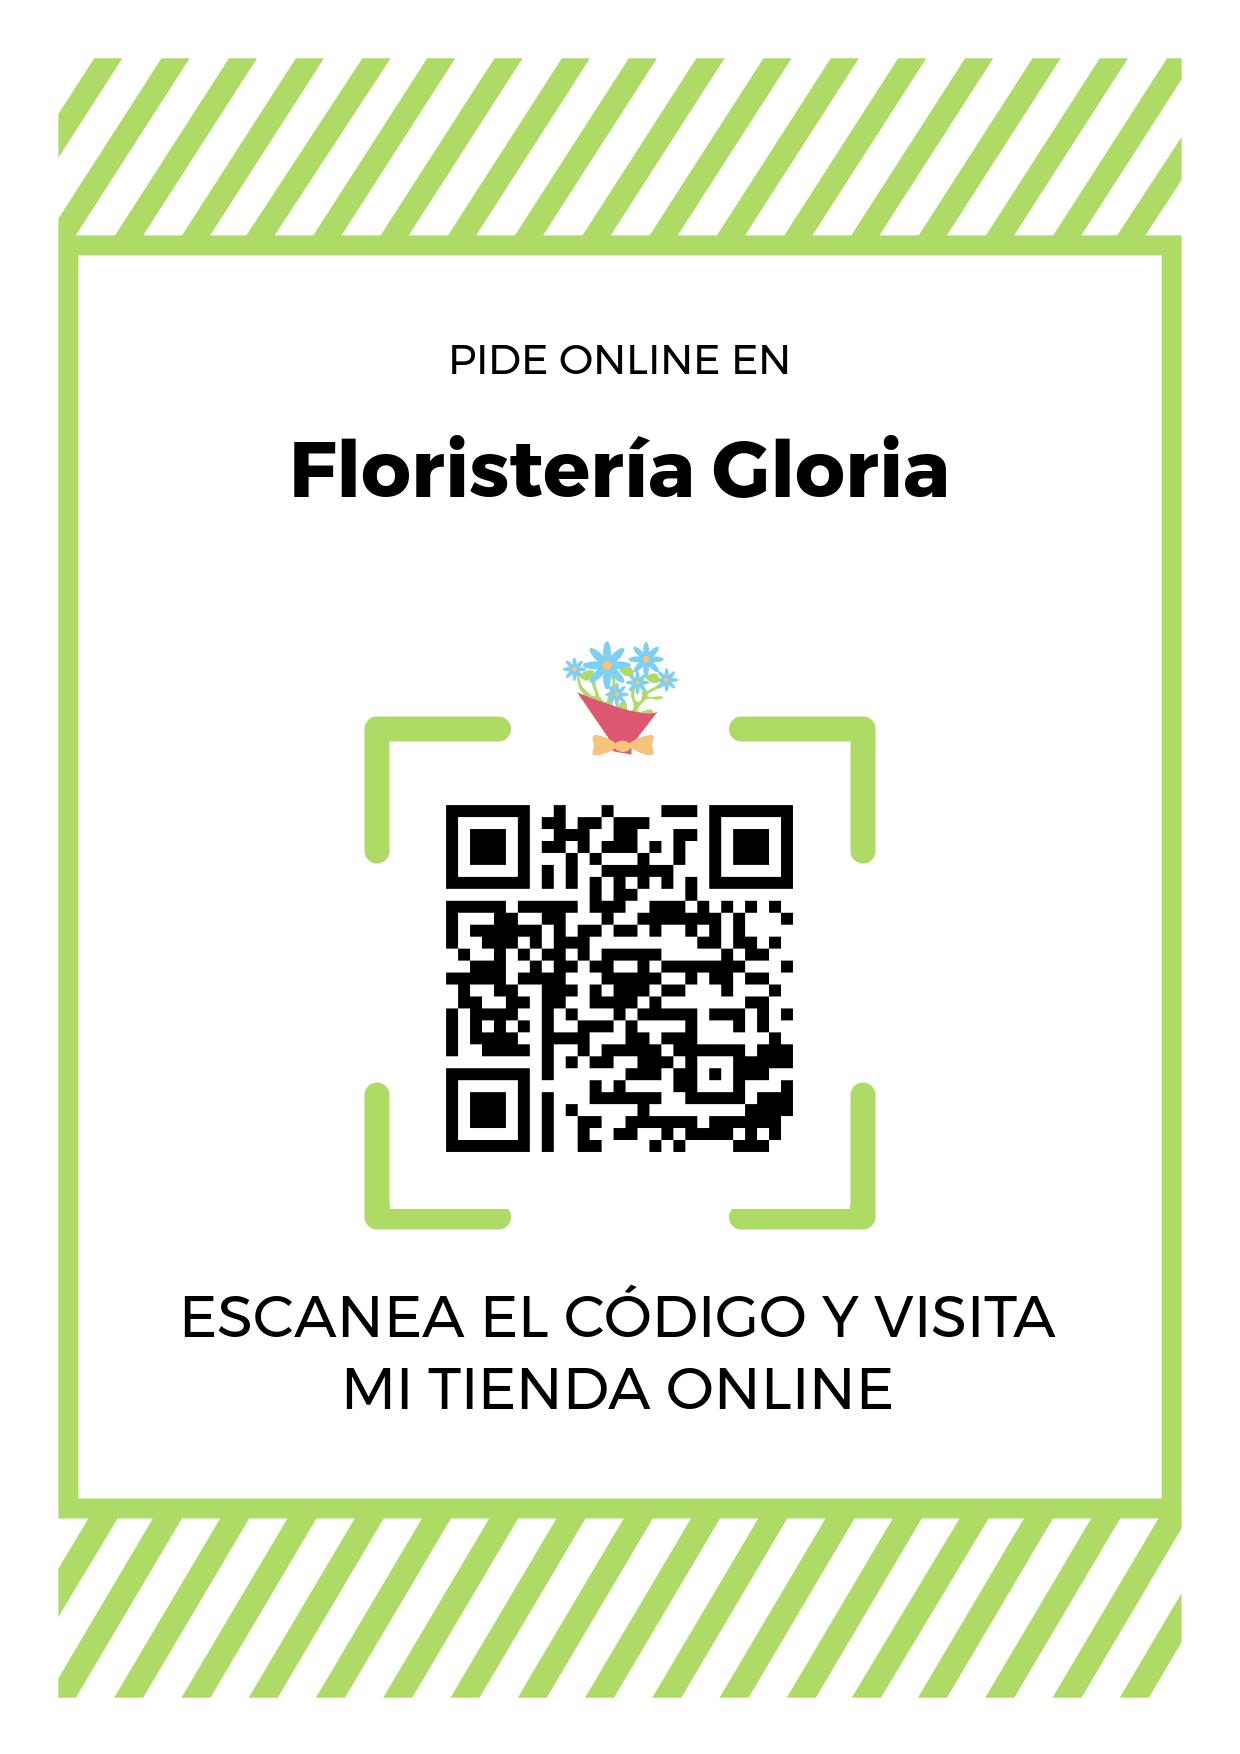 Cartel Póster de Código QR para tienda de Floristería